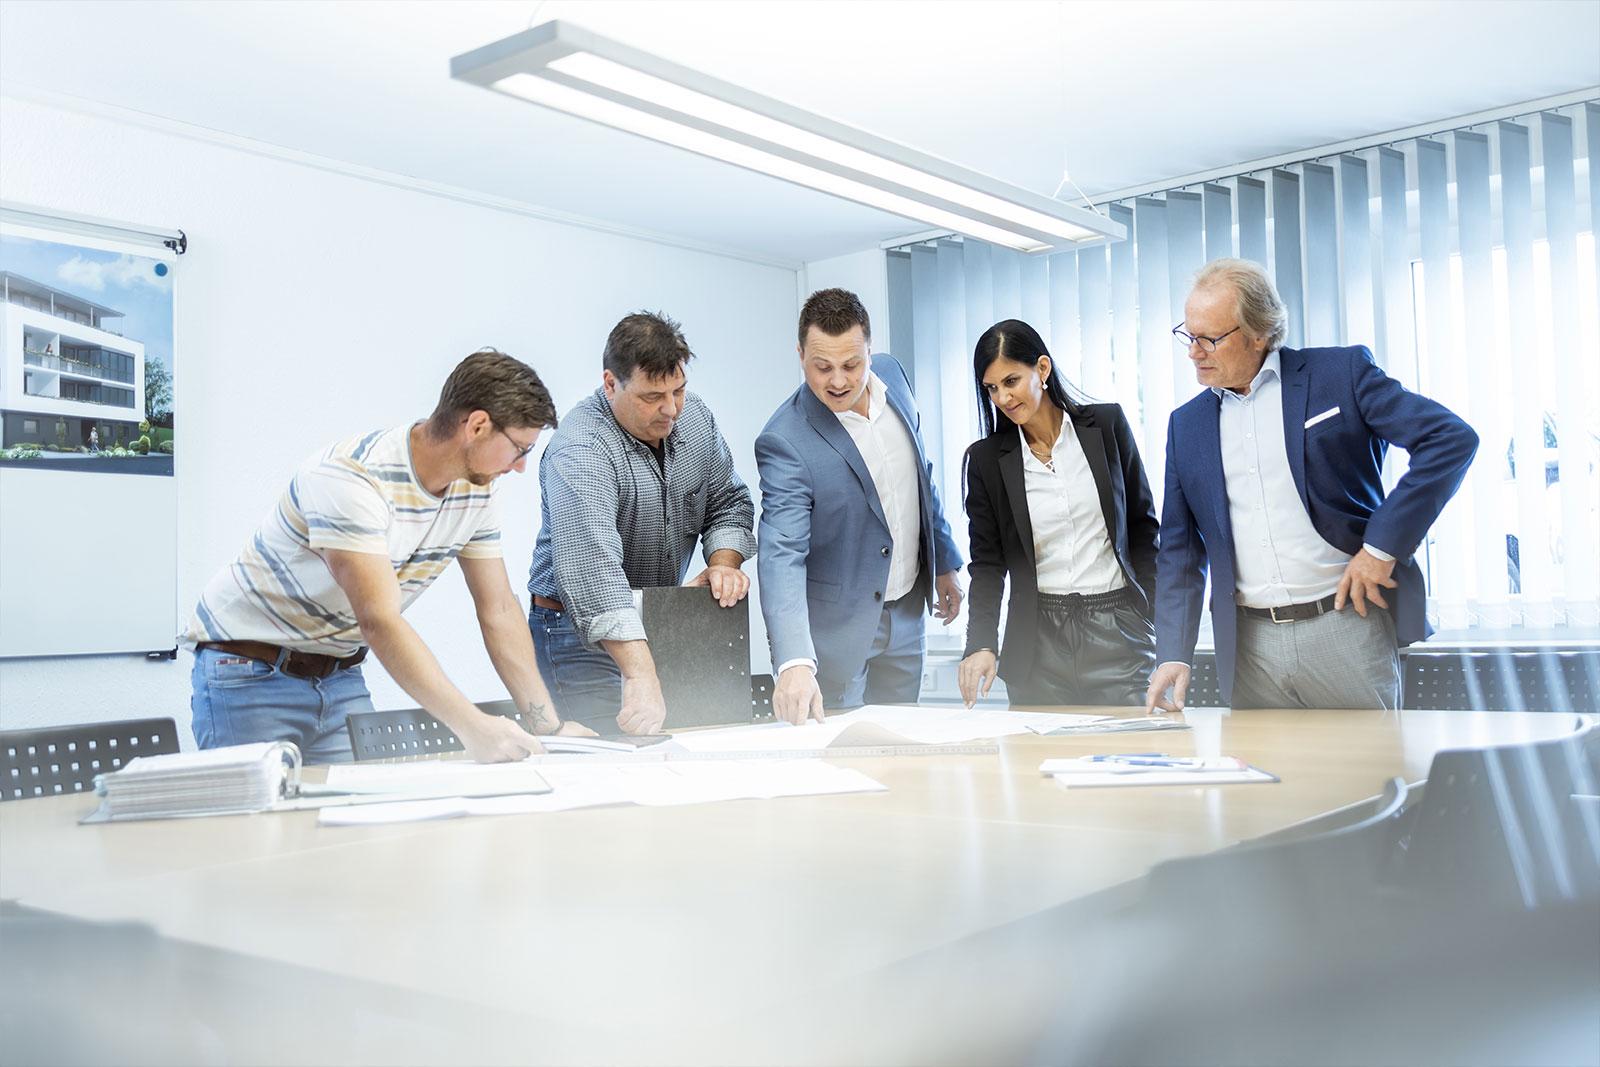 Freundlicher Mitarbeiter im Bereich Blech stanzen - King GmbH Blechverarbeitung in Fluorn-Winzeln